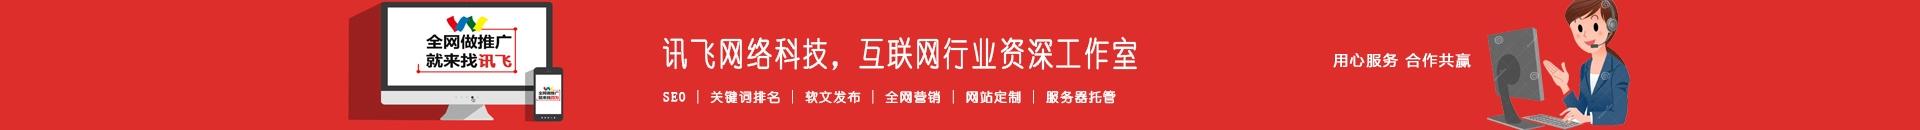 讯飞网络科技公告牌